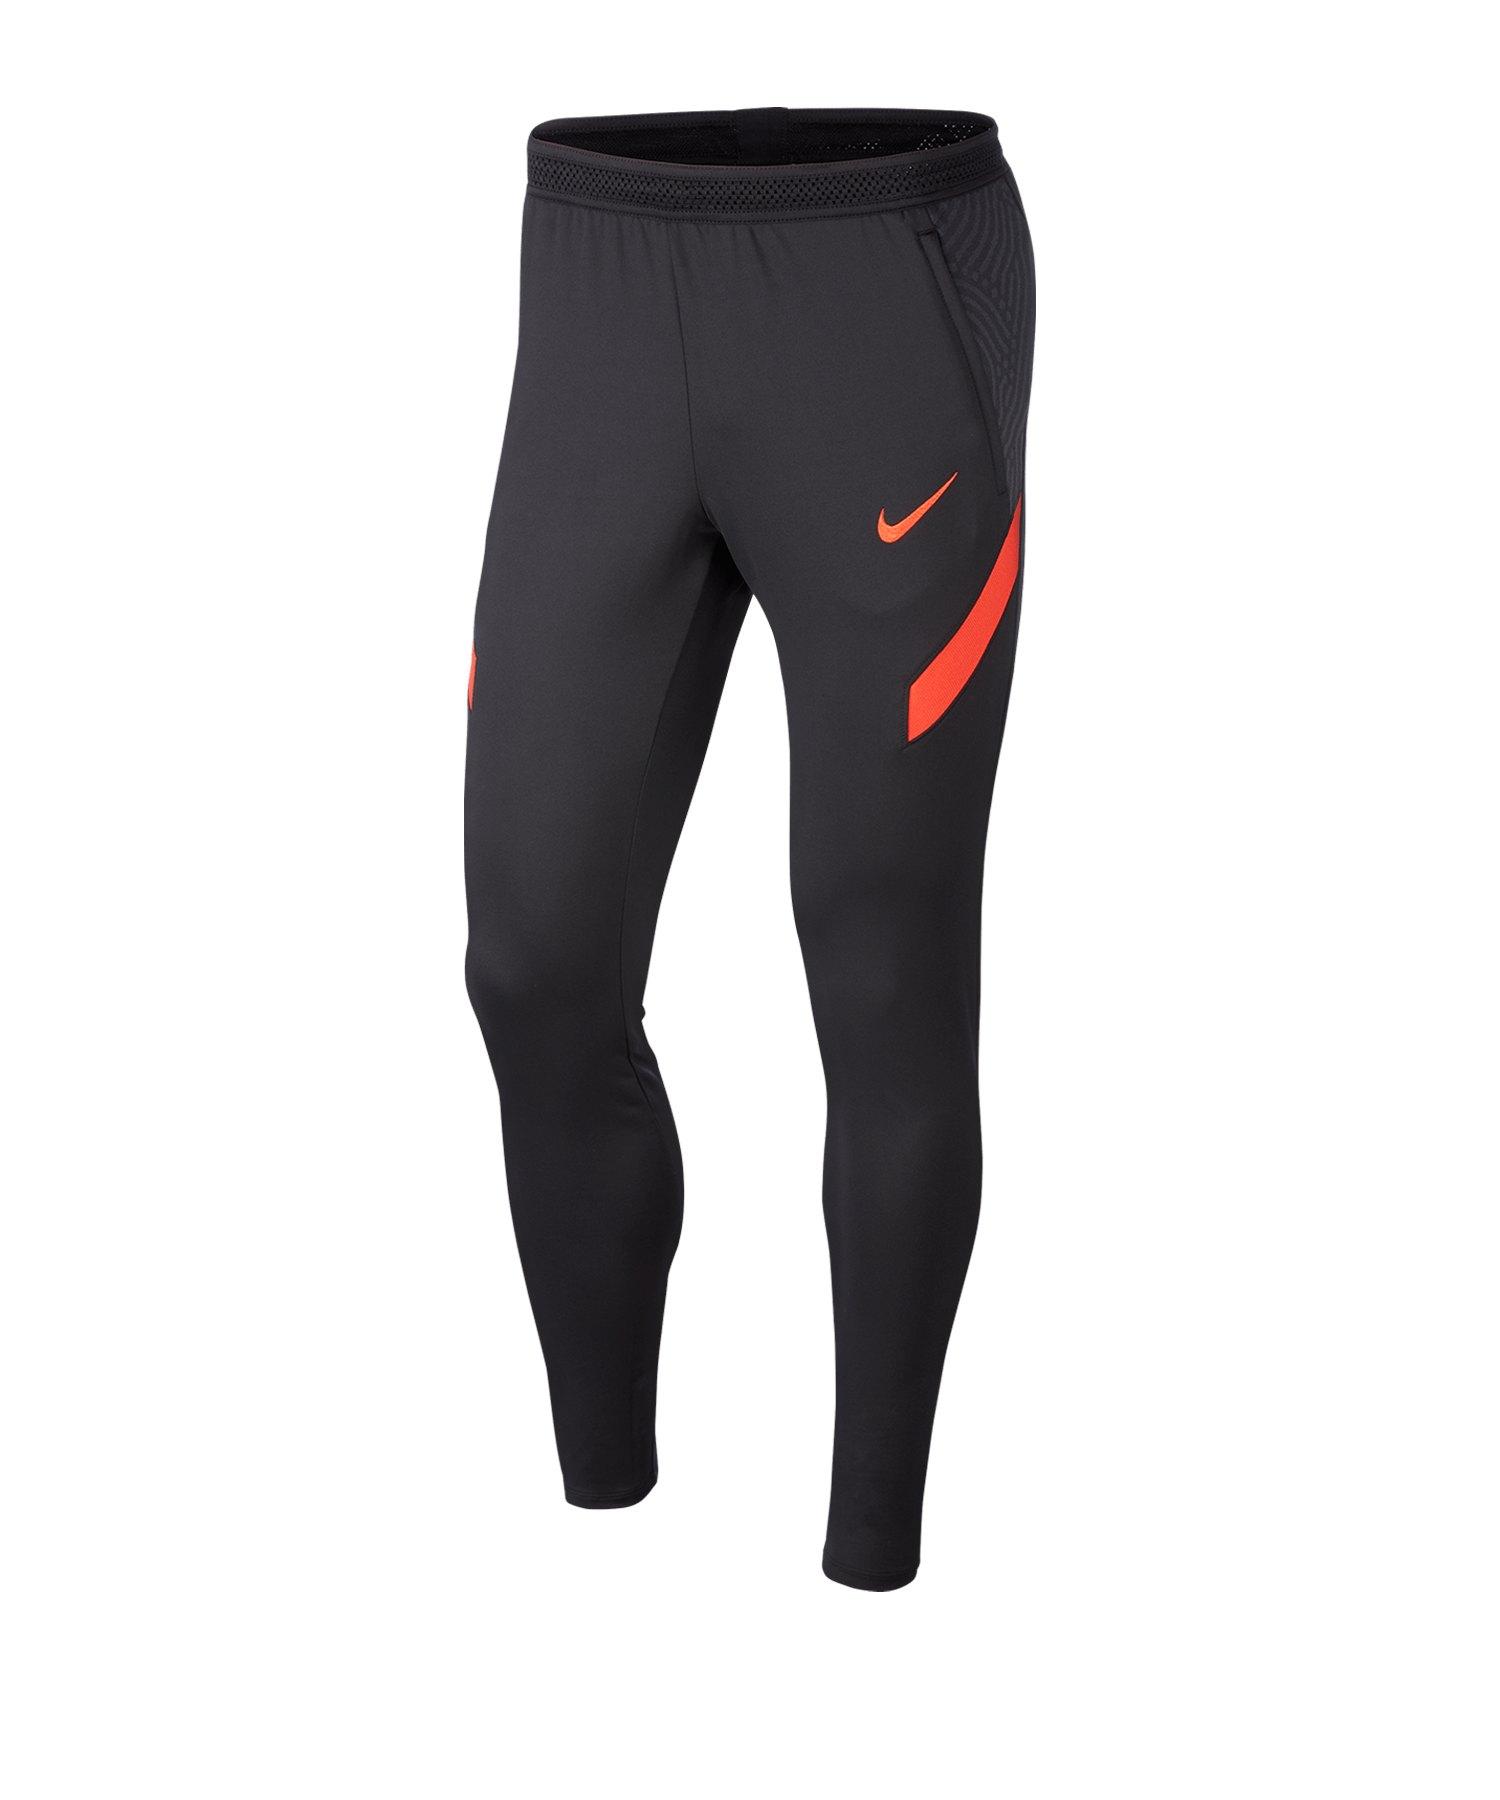 Nike Türkei Trainingshose Schwarz F012 - schwarz